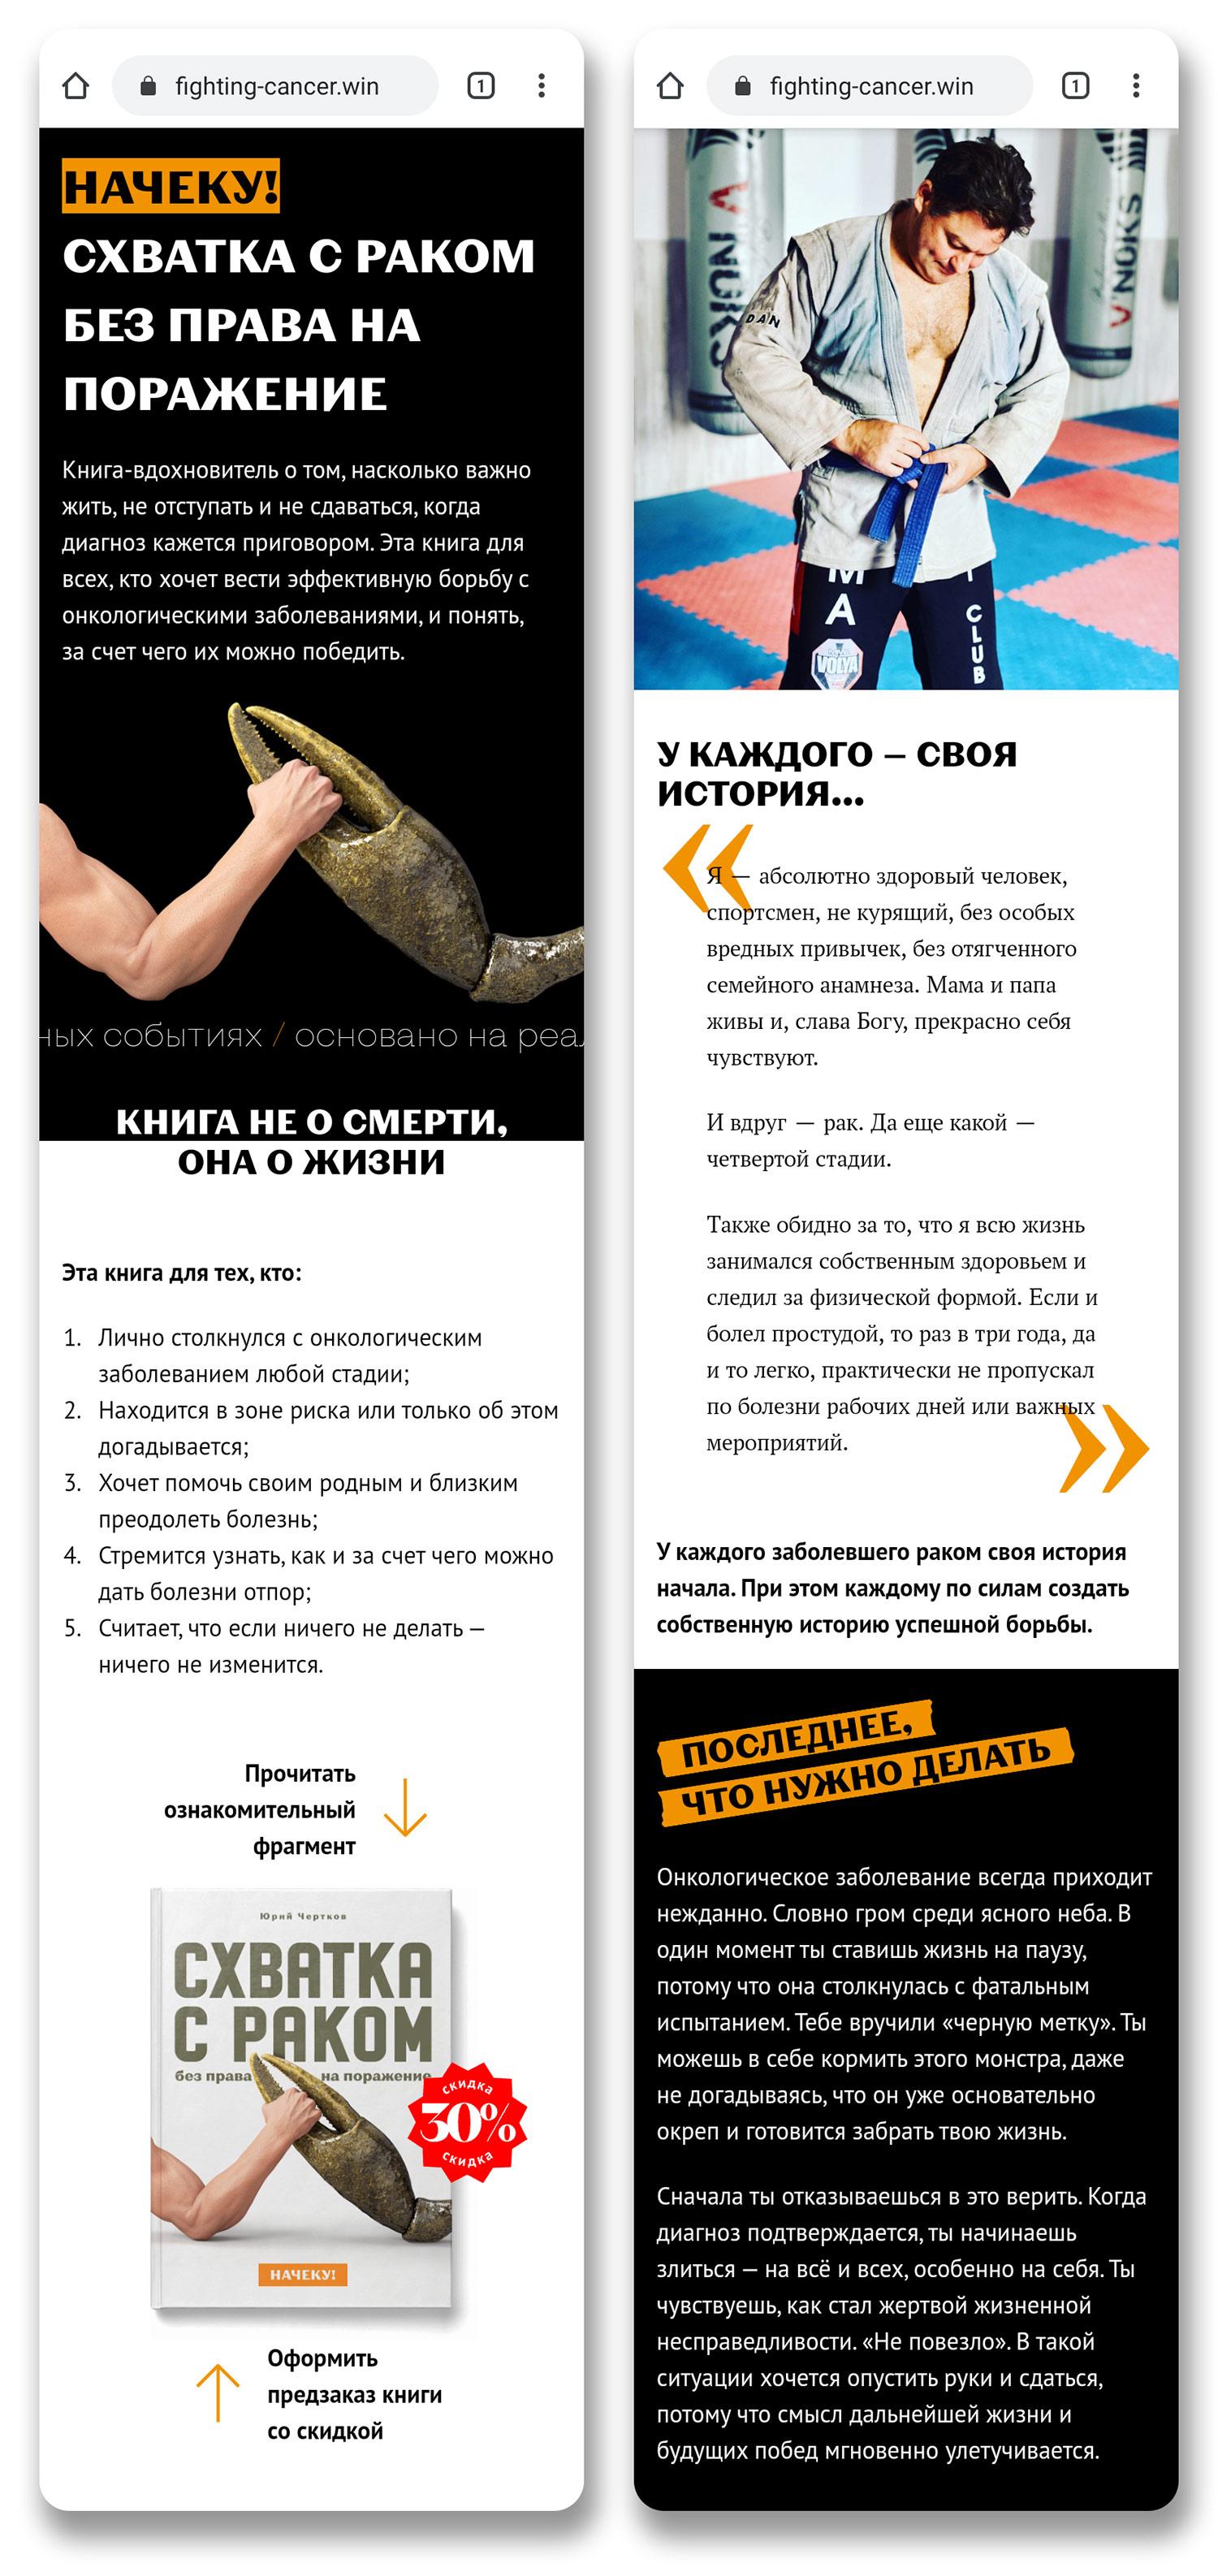 Мобильная версия сайта книги Схватка с раком без права на поражение. Дизайн сайта.